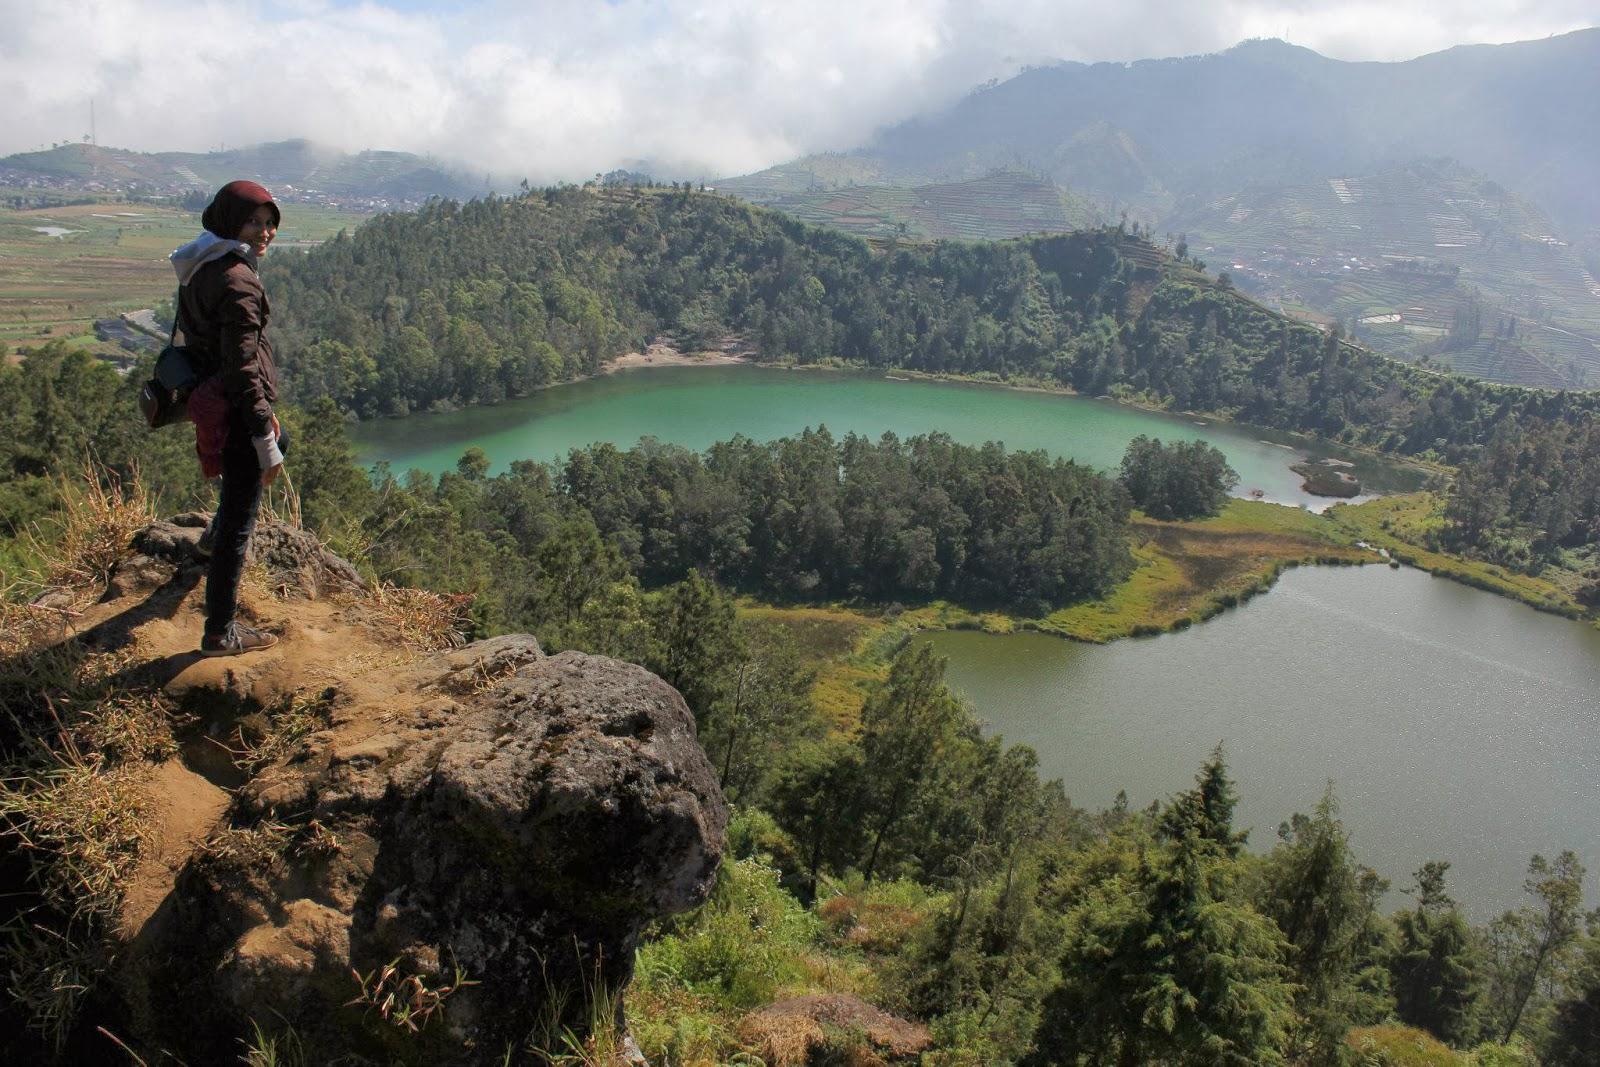 Yogyakarta Dieng Tours Bali Driver Atok Tour Plateu Color Lake Plateau